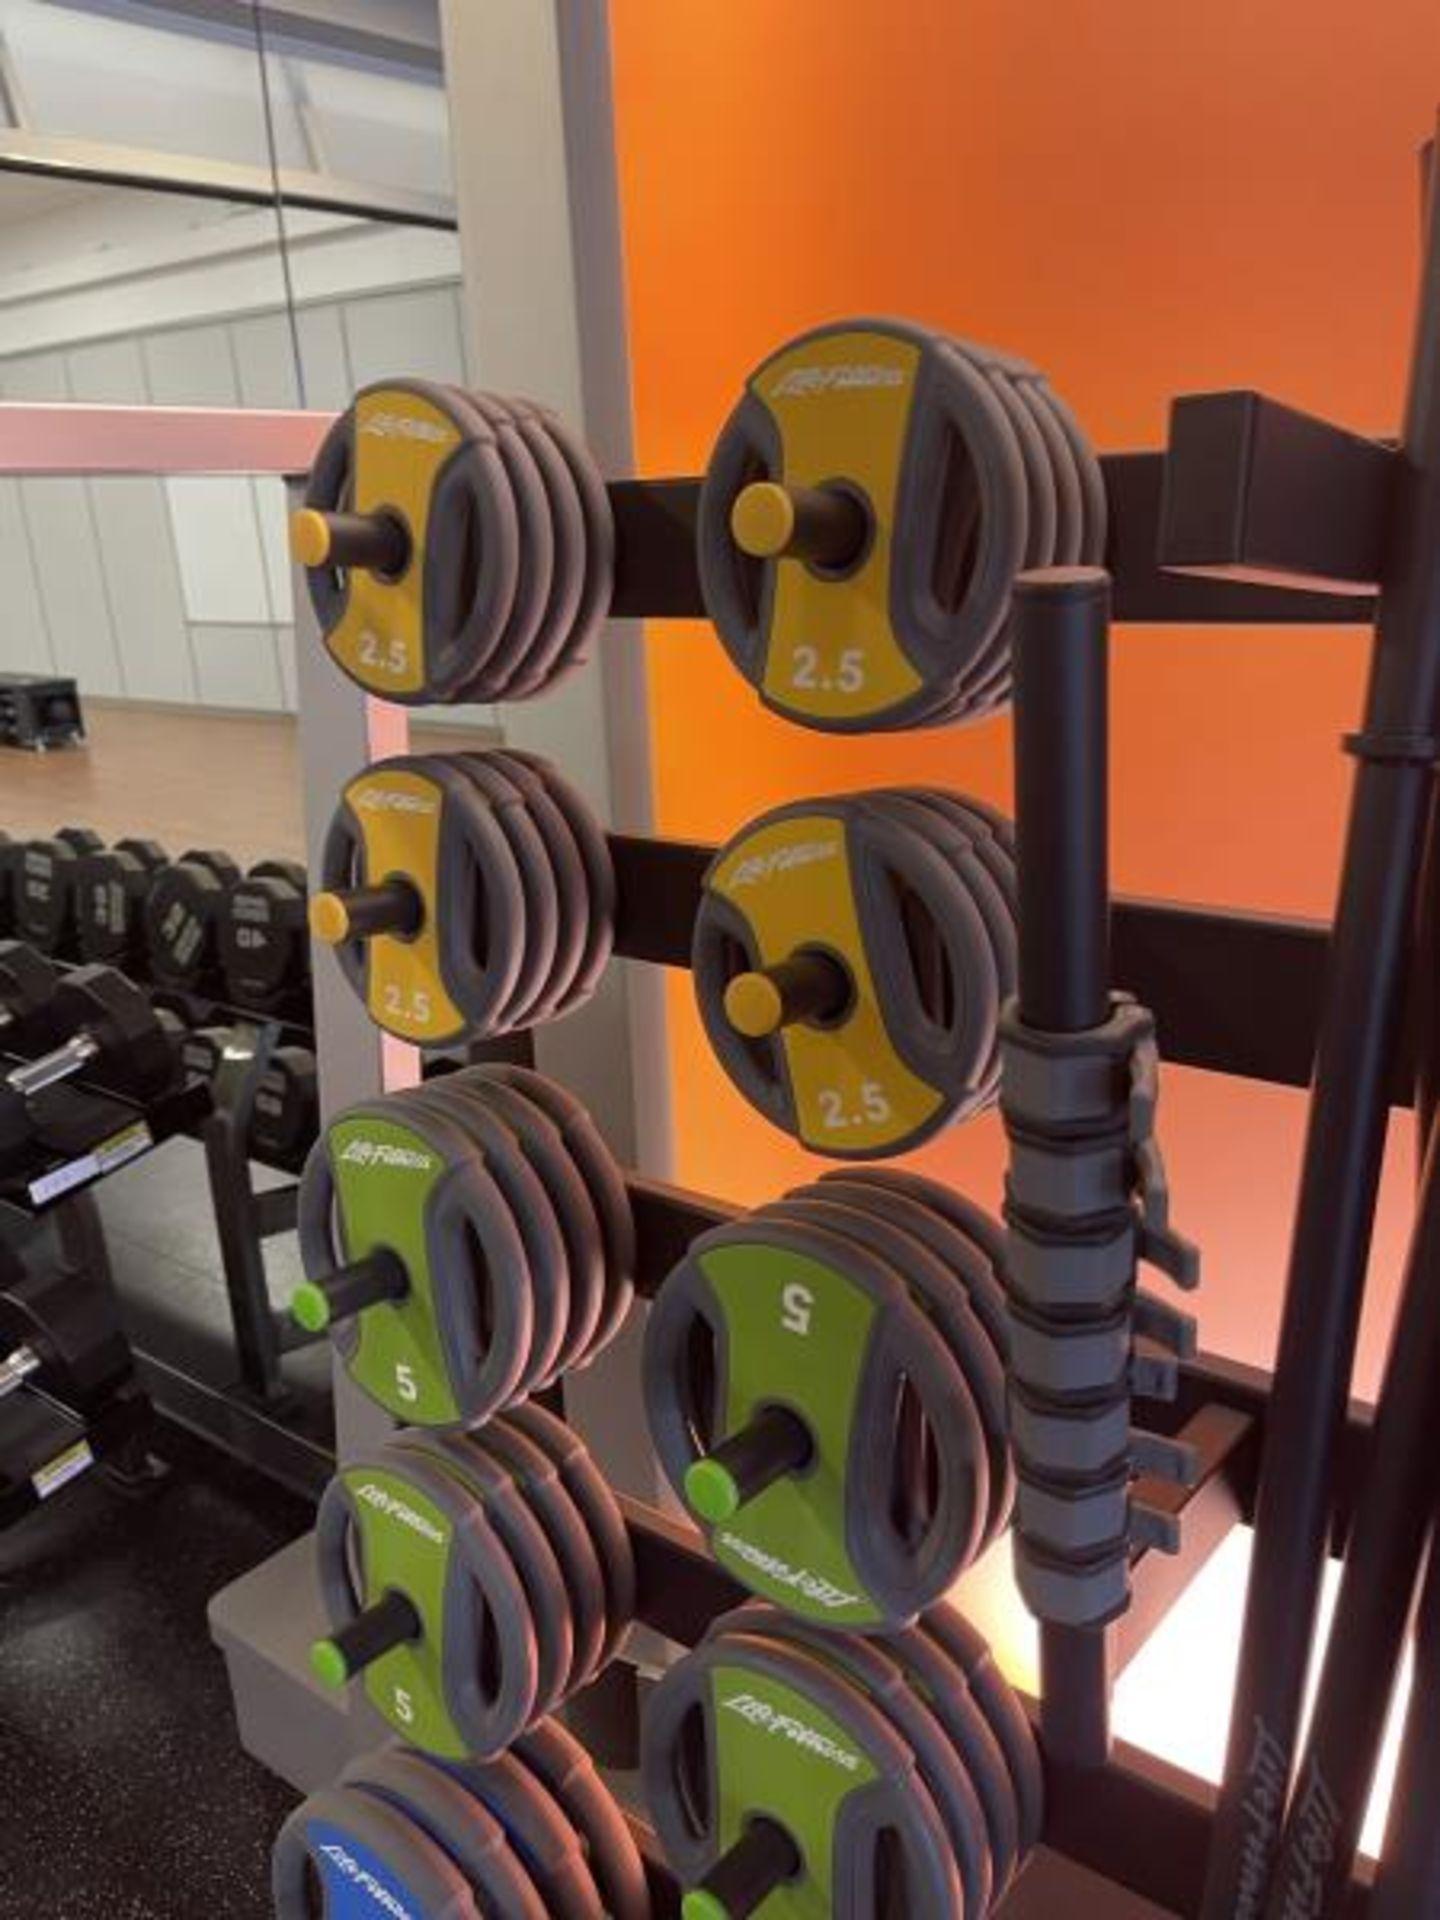 Life Fitness Studio Barbell Pack Urethane 2.5#, 5#, 10#, 13 Bars, Rack Model GBB - Image 8 of 9